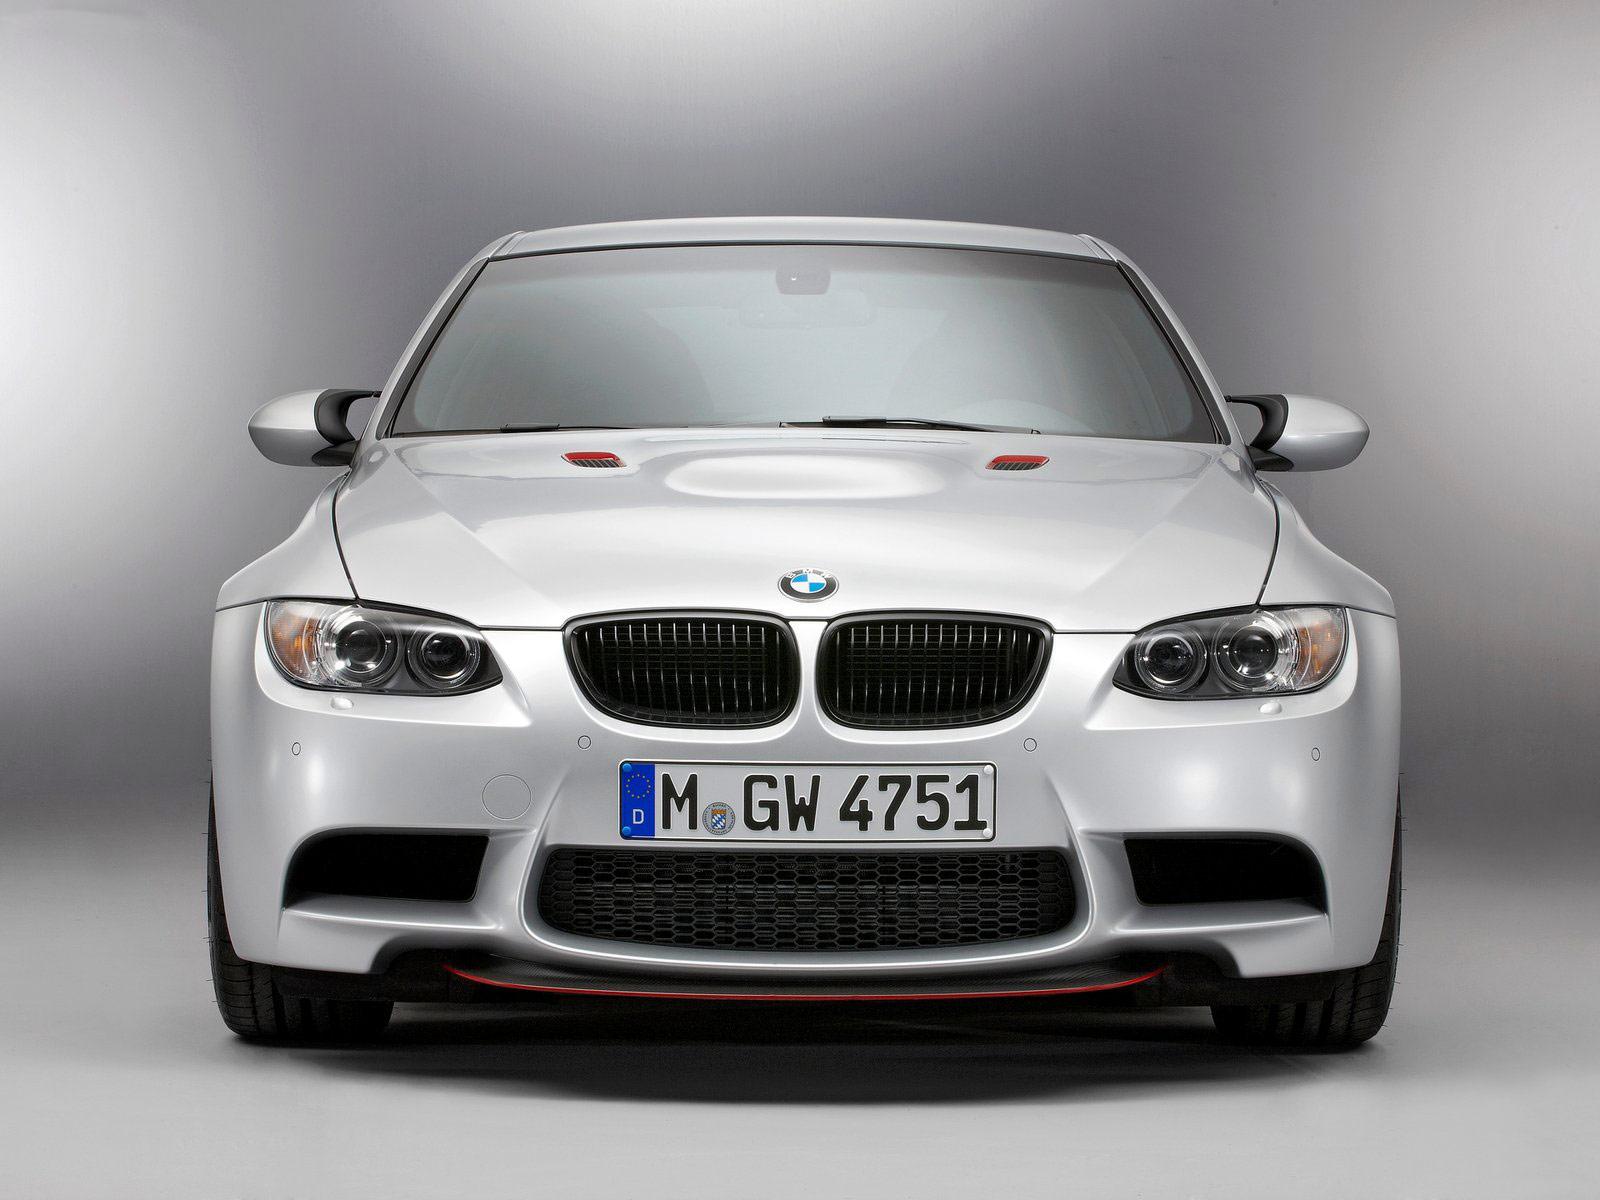 http://3.bp.blogspot.com/-6pN4GKfev58/Tk8qOk3r87I/AAAAAAAAC3E/oWg-i5yxBJc/s1600/BMW-M3_CRT_2012_bmw-desktop-wallpaper_1.jpg